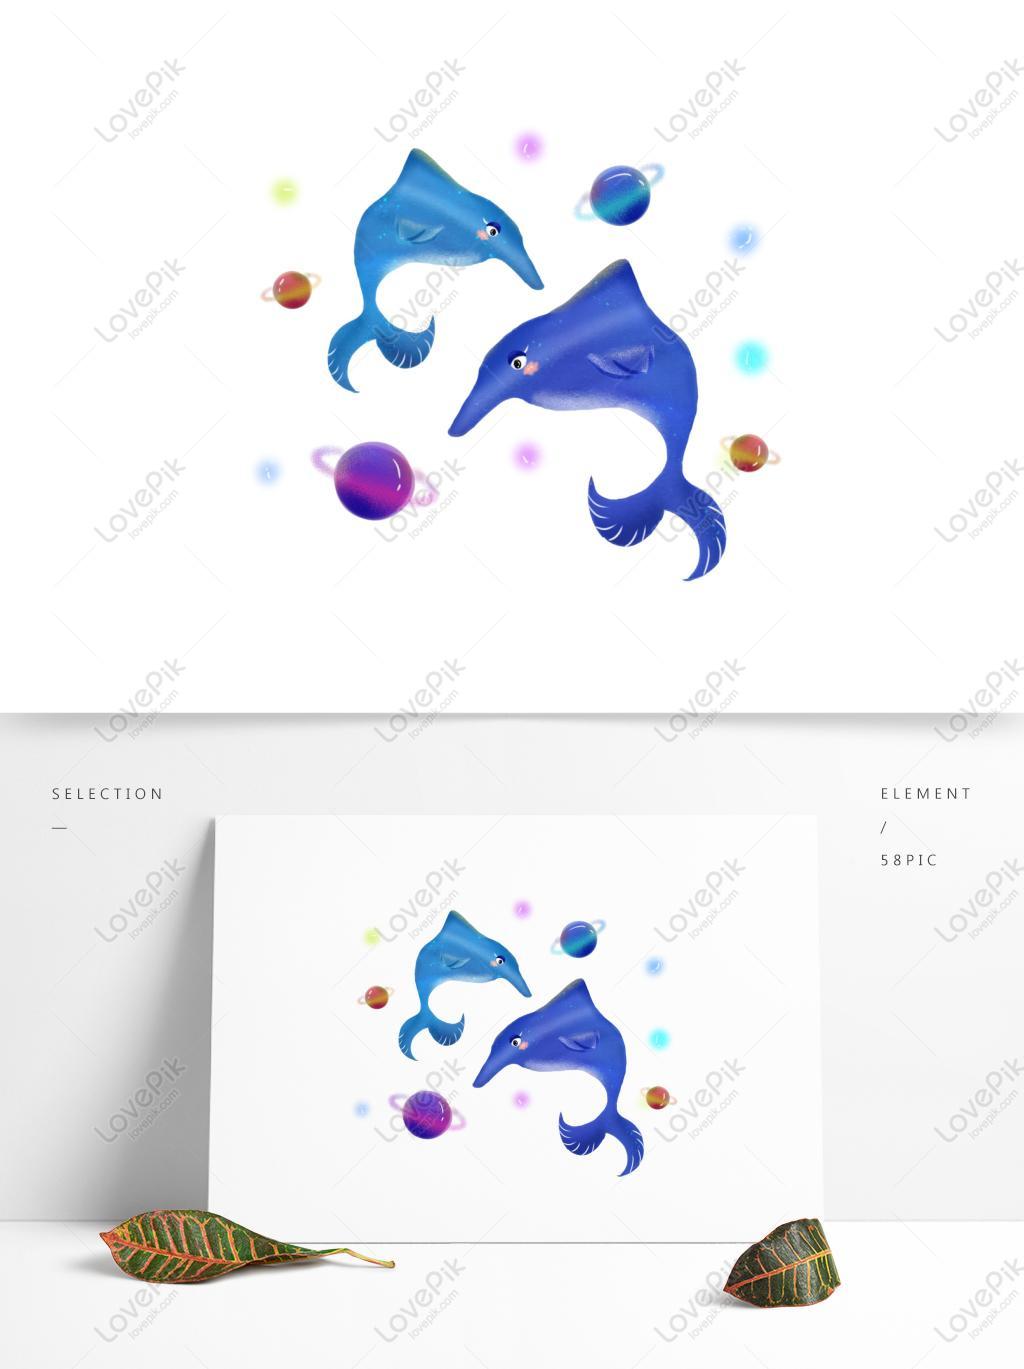 夢幻星海之海豚生物手繪風元素可商用素材PSD美工圖案免費下載-素材分辨率1369 × 1024px - Lovepik ID732270453